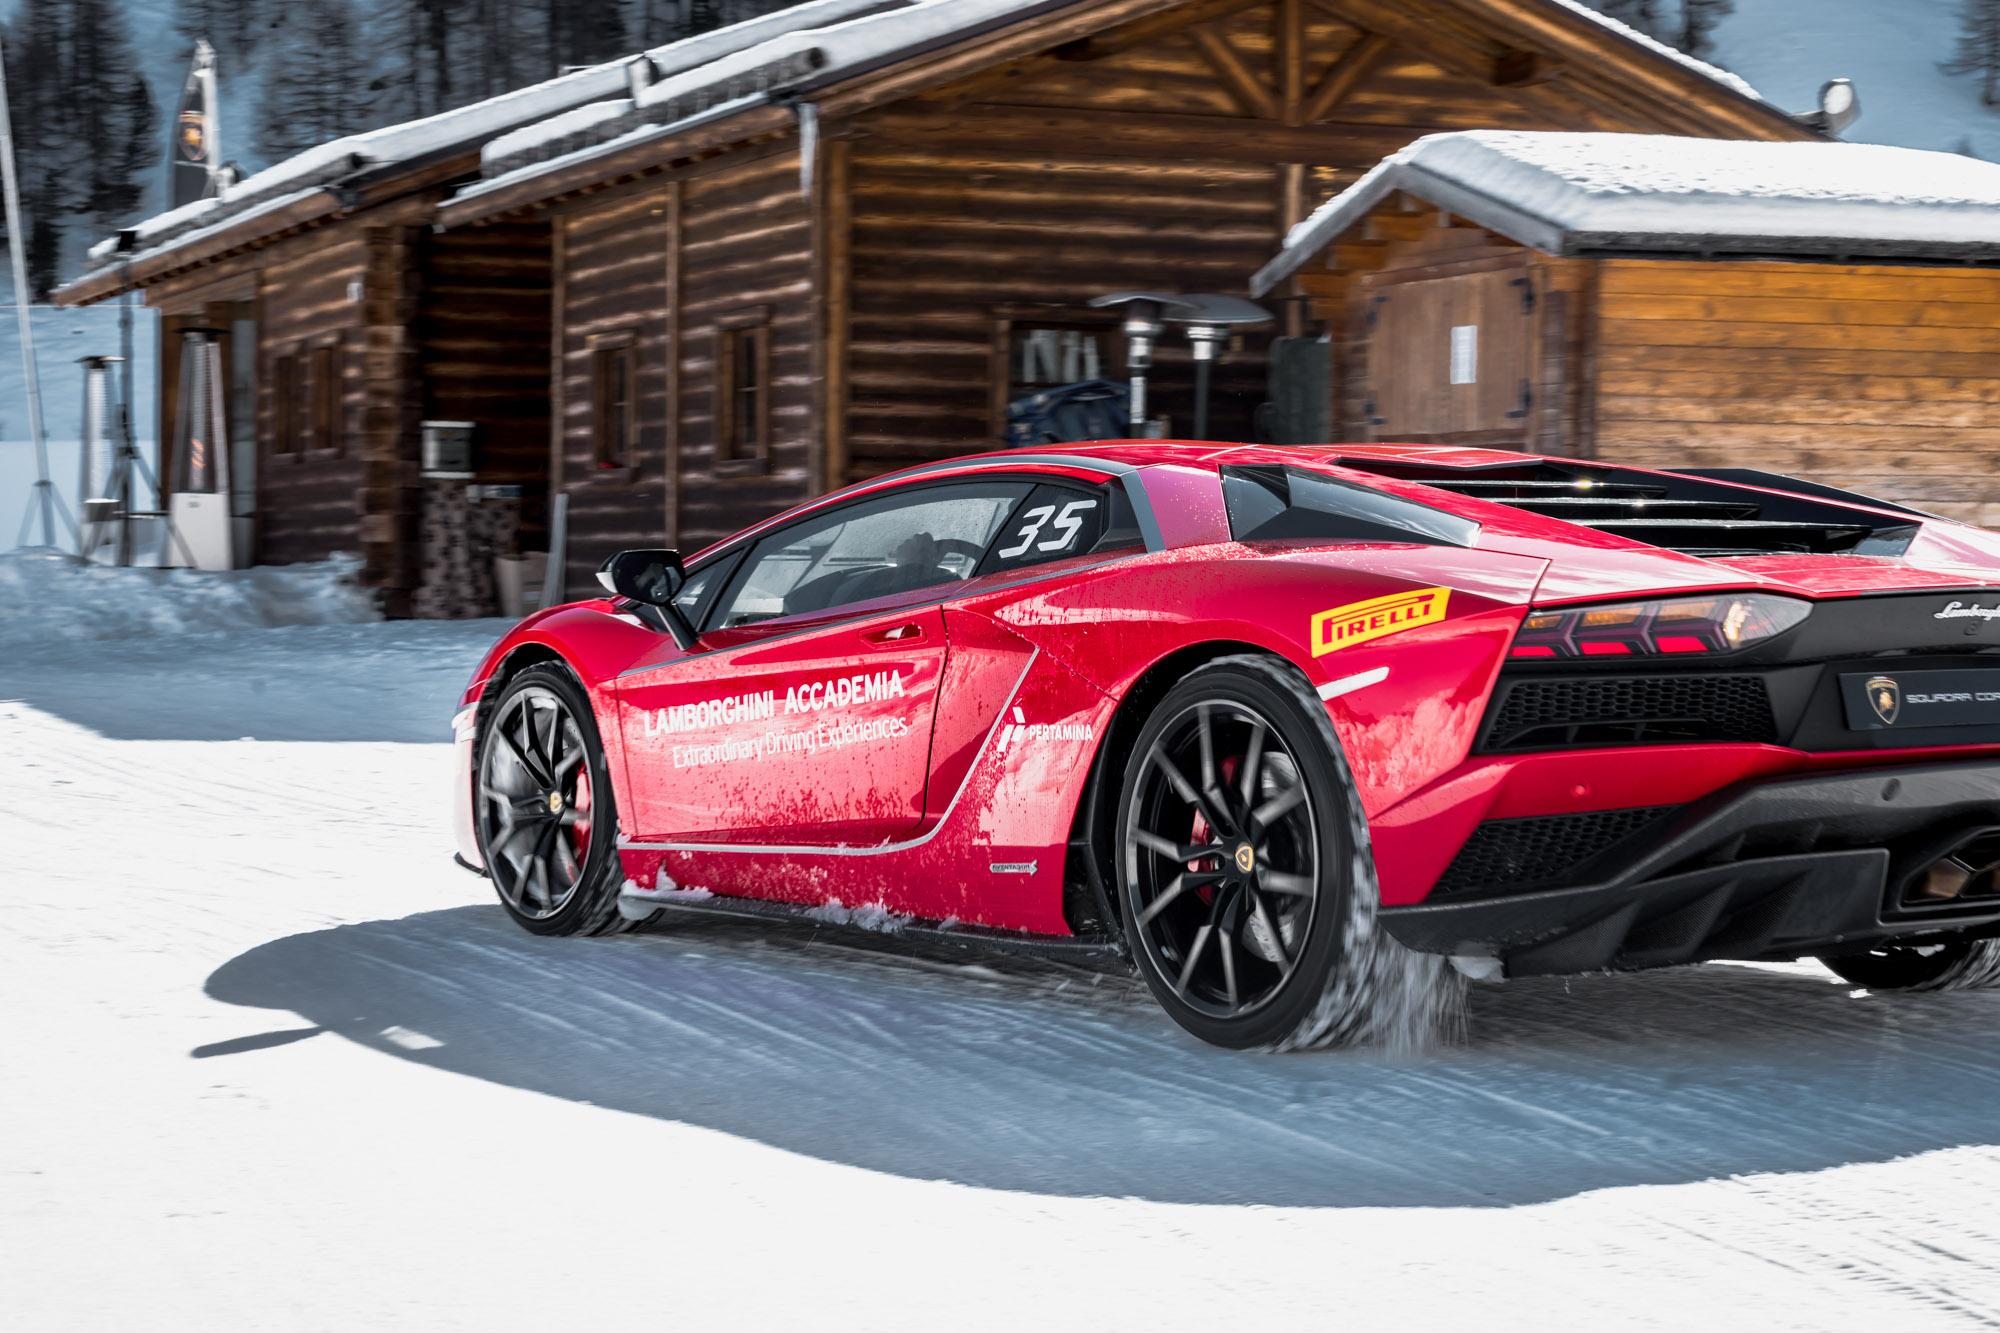 Lamborghini Winter Accademia 12